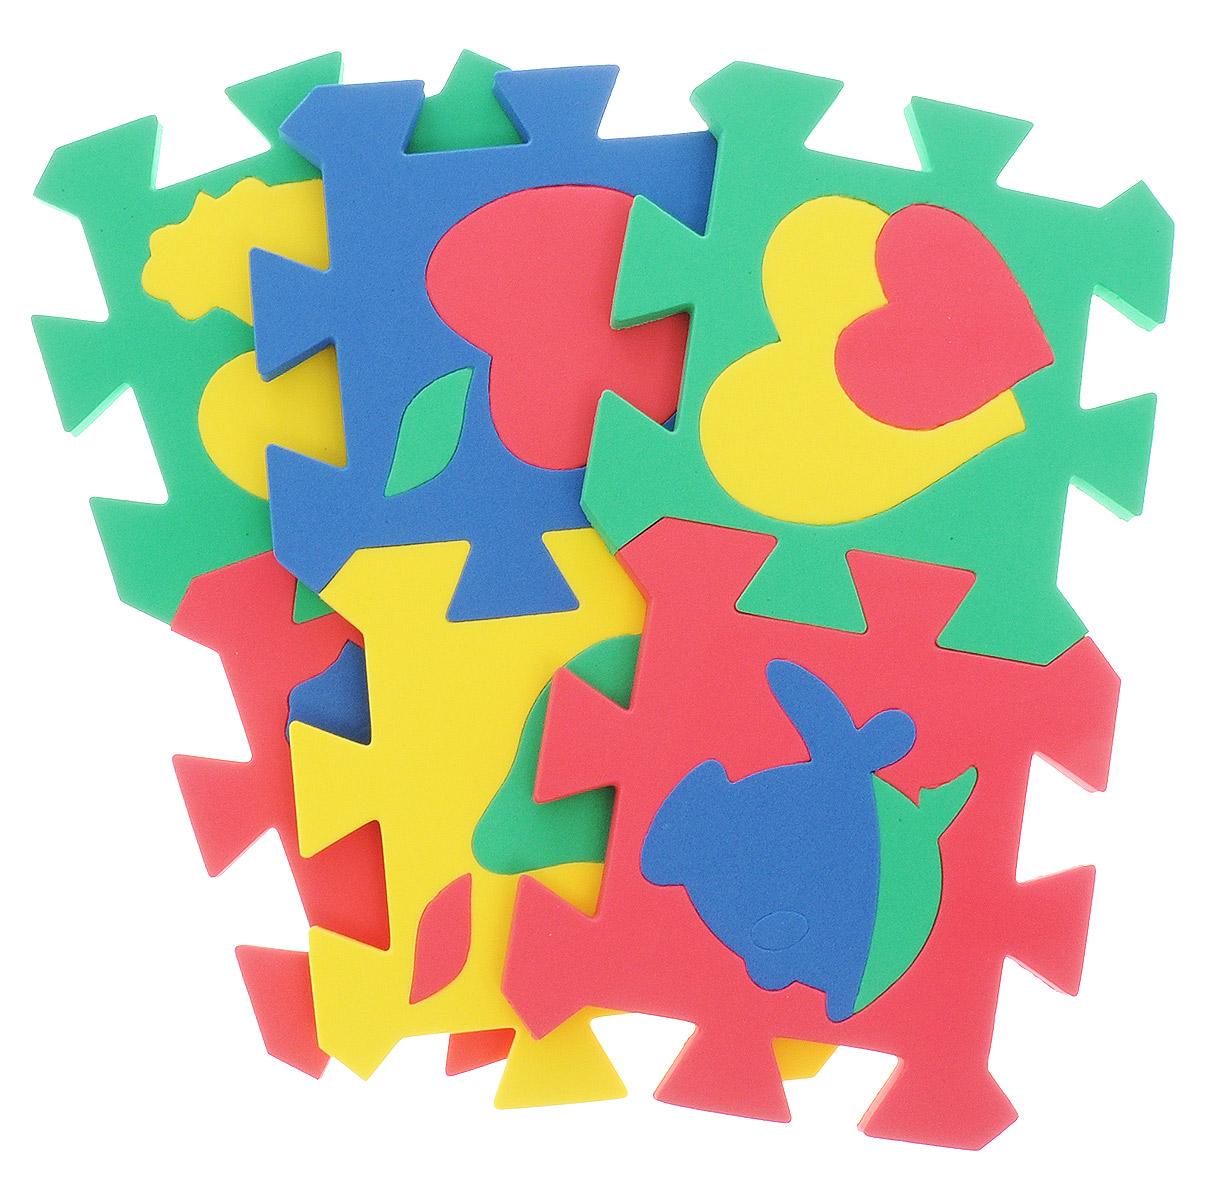 Бомик Пазл для малышей Коврик Мозаика402Пазл для малышей Бомик Коврик. Мозаика - увлекательная игра и практическое занятие для развития ребенка. Пазл выполнен из мягкого полимера, поэтому детали легко гнутся и не ломаются, их всегда можно состыковать. Пазл представляет собой 6 ковриков, каждый размером 14 см на 14 см с силуэтами-вкладышами в виде различных фигур. Пазл развивает у ребенка память, воображение, моторику, пространственное и логическое мышление.